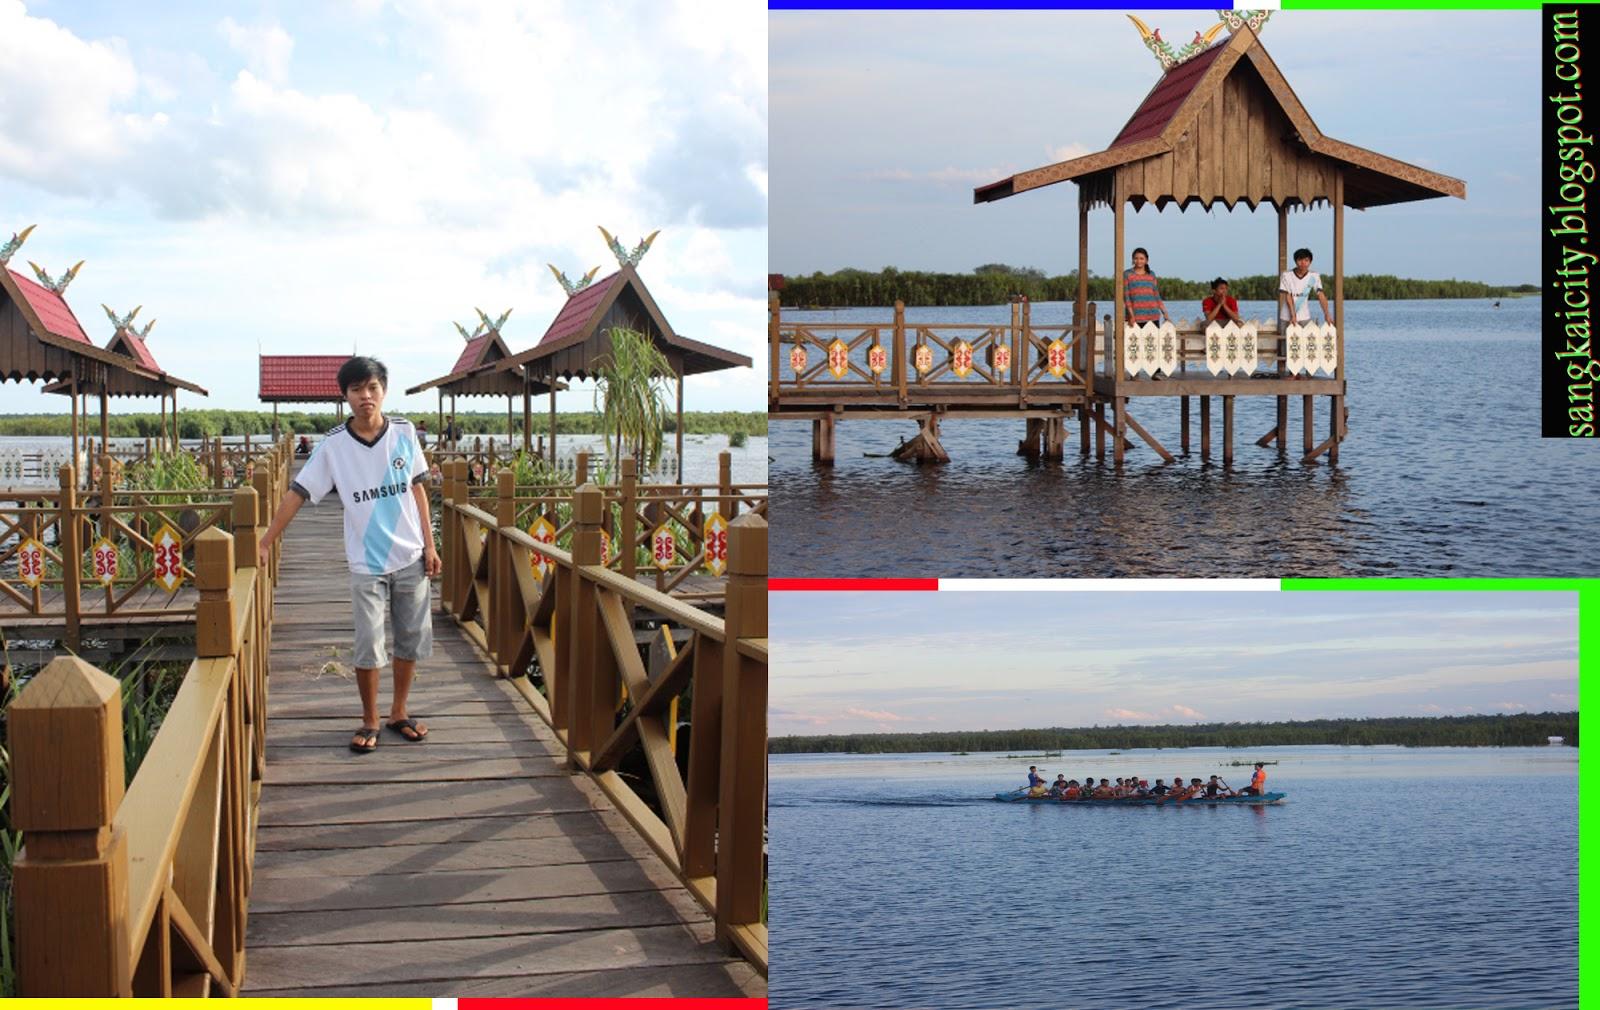 dalam artikel kali ini sangkay city blog s akan memperkenalkan objek wisata alam terbuka yang ada di kereng bangkirai kota palangka raya